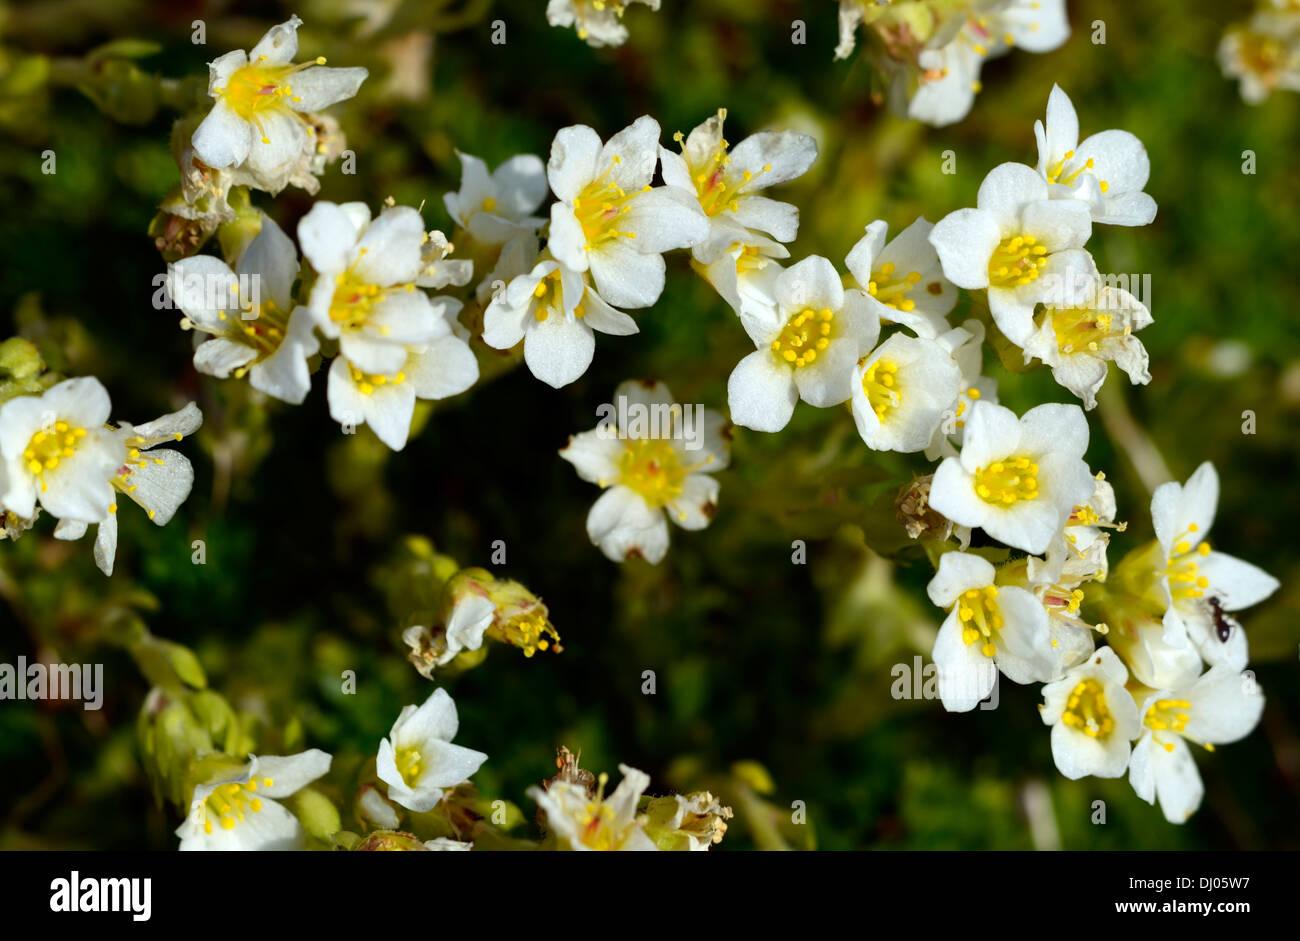 White mountain saxifrage saxifraga paniculata yellow white flowers white mountain saxifrage saxifraga paniculata yellow white flowers alpine plant mightylinksfo